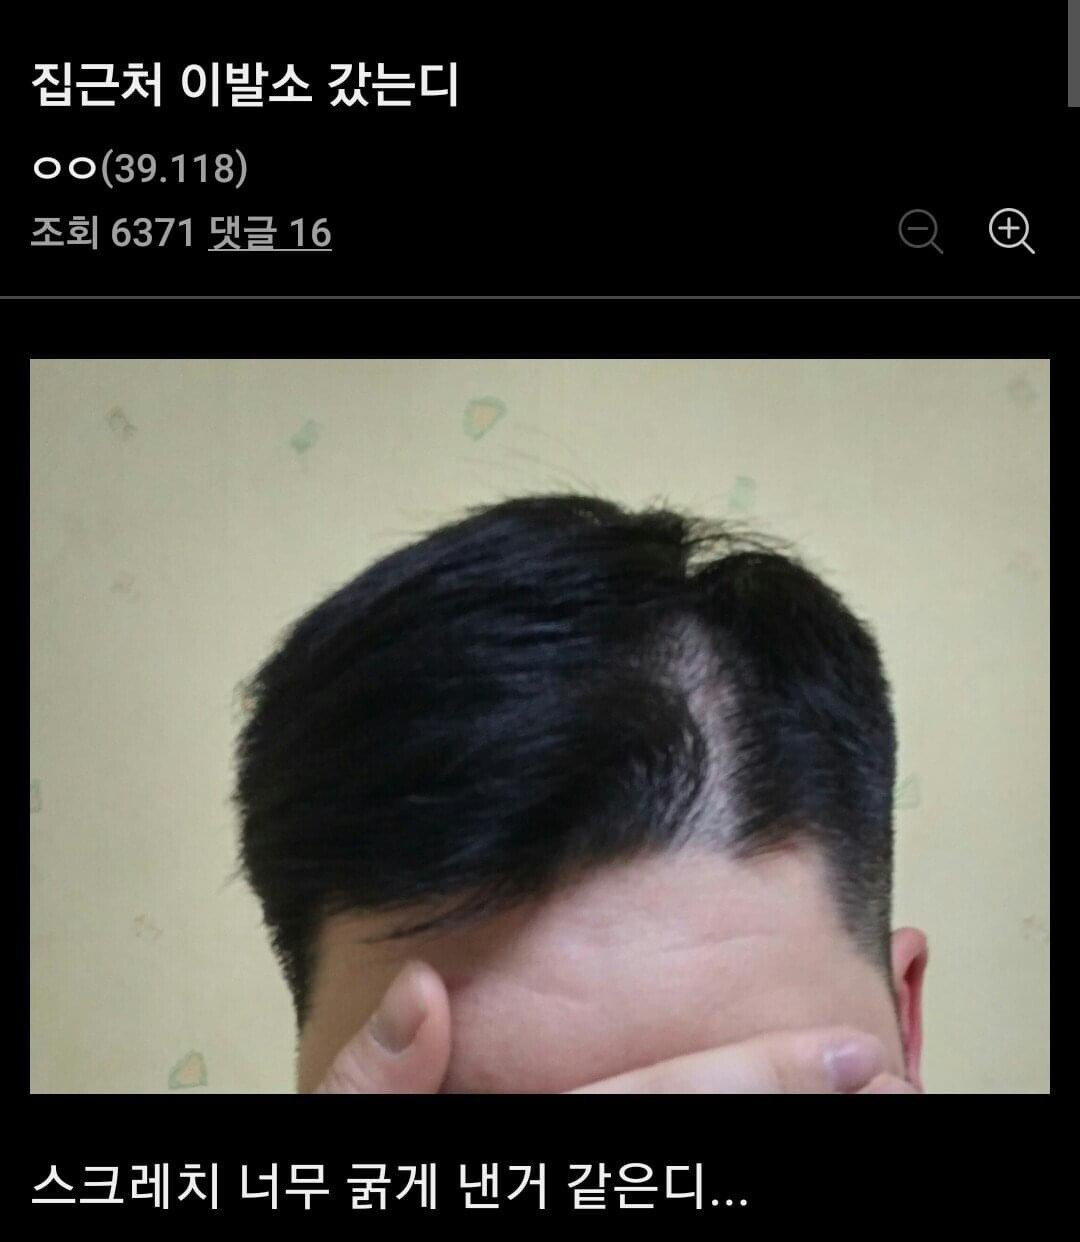 싱글벙글 디씨 헤어스타일 갤러리 일상 - 꾸르